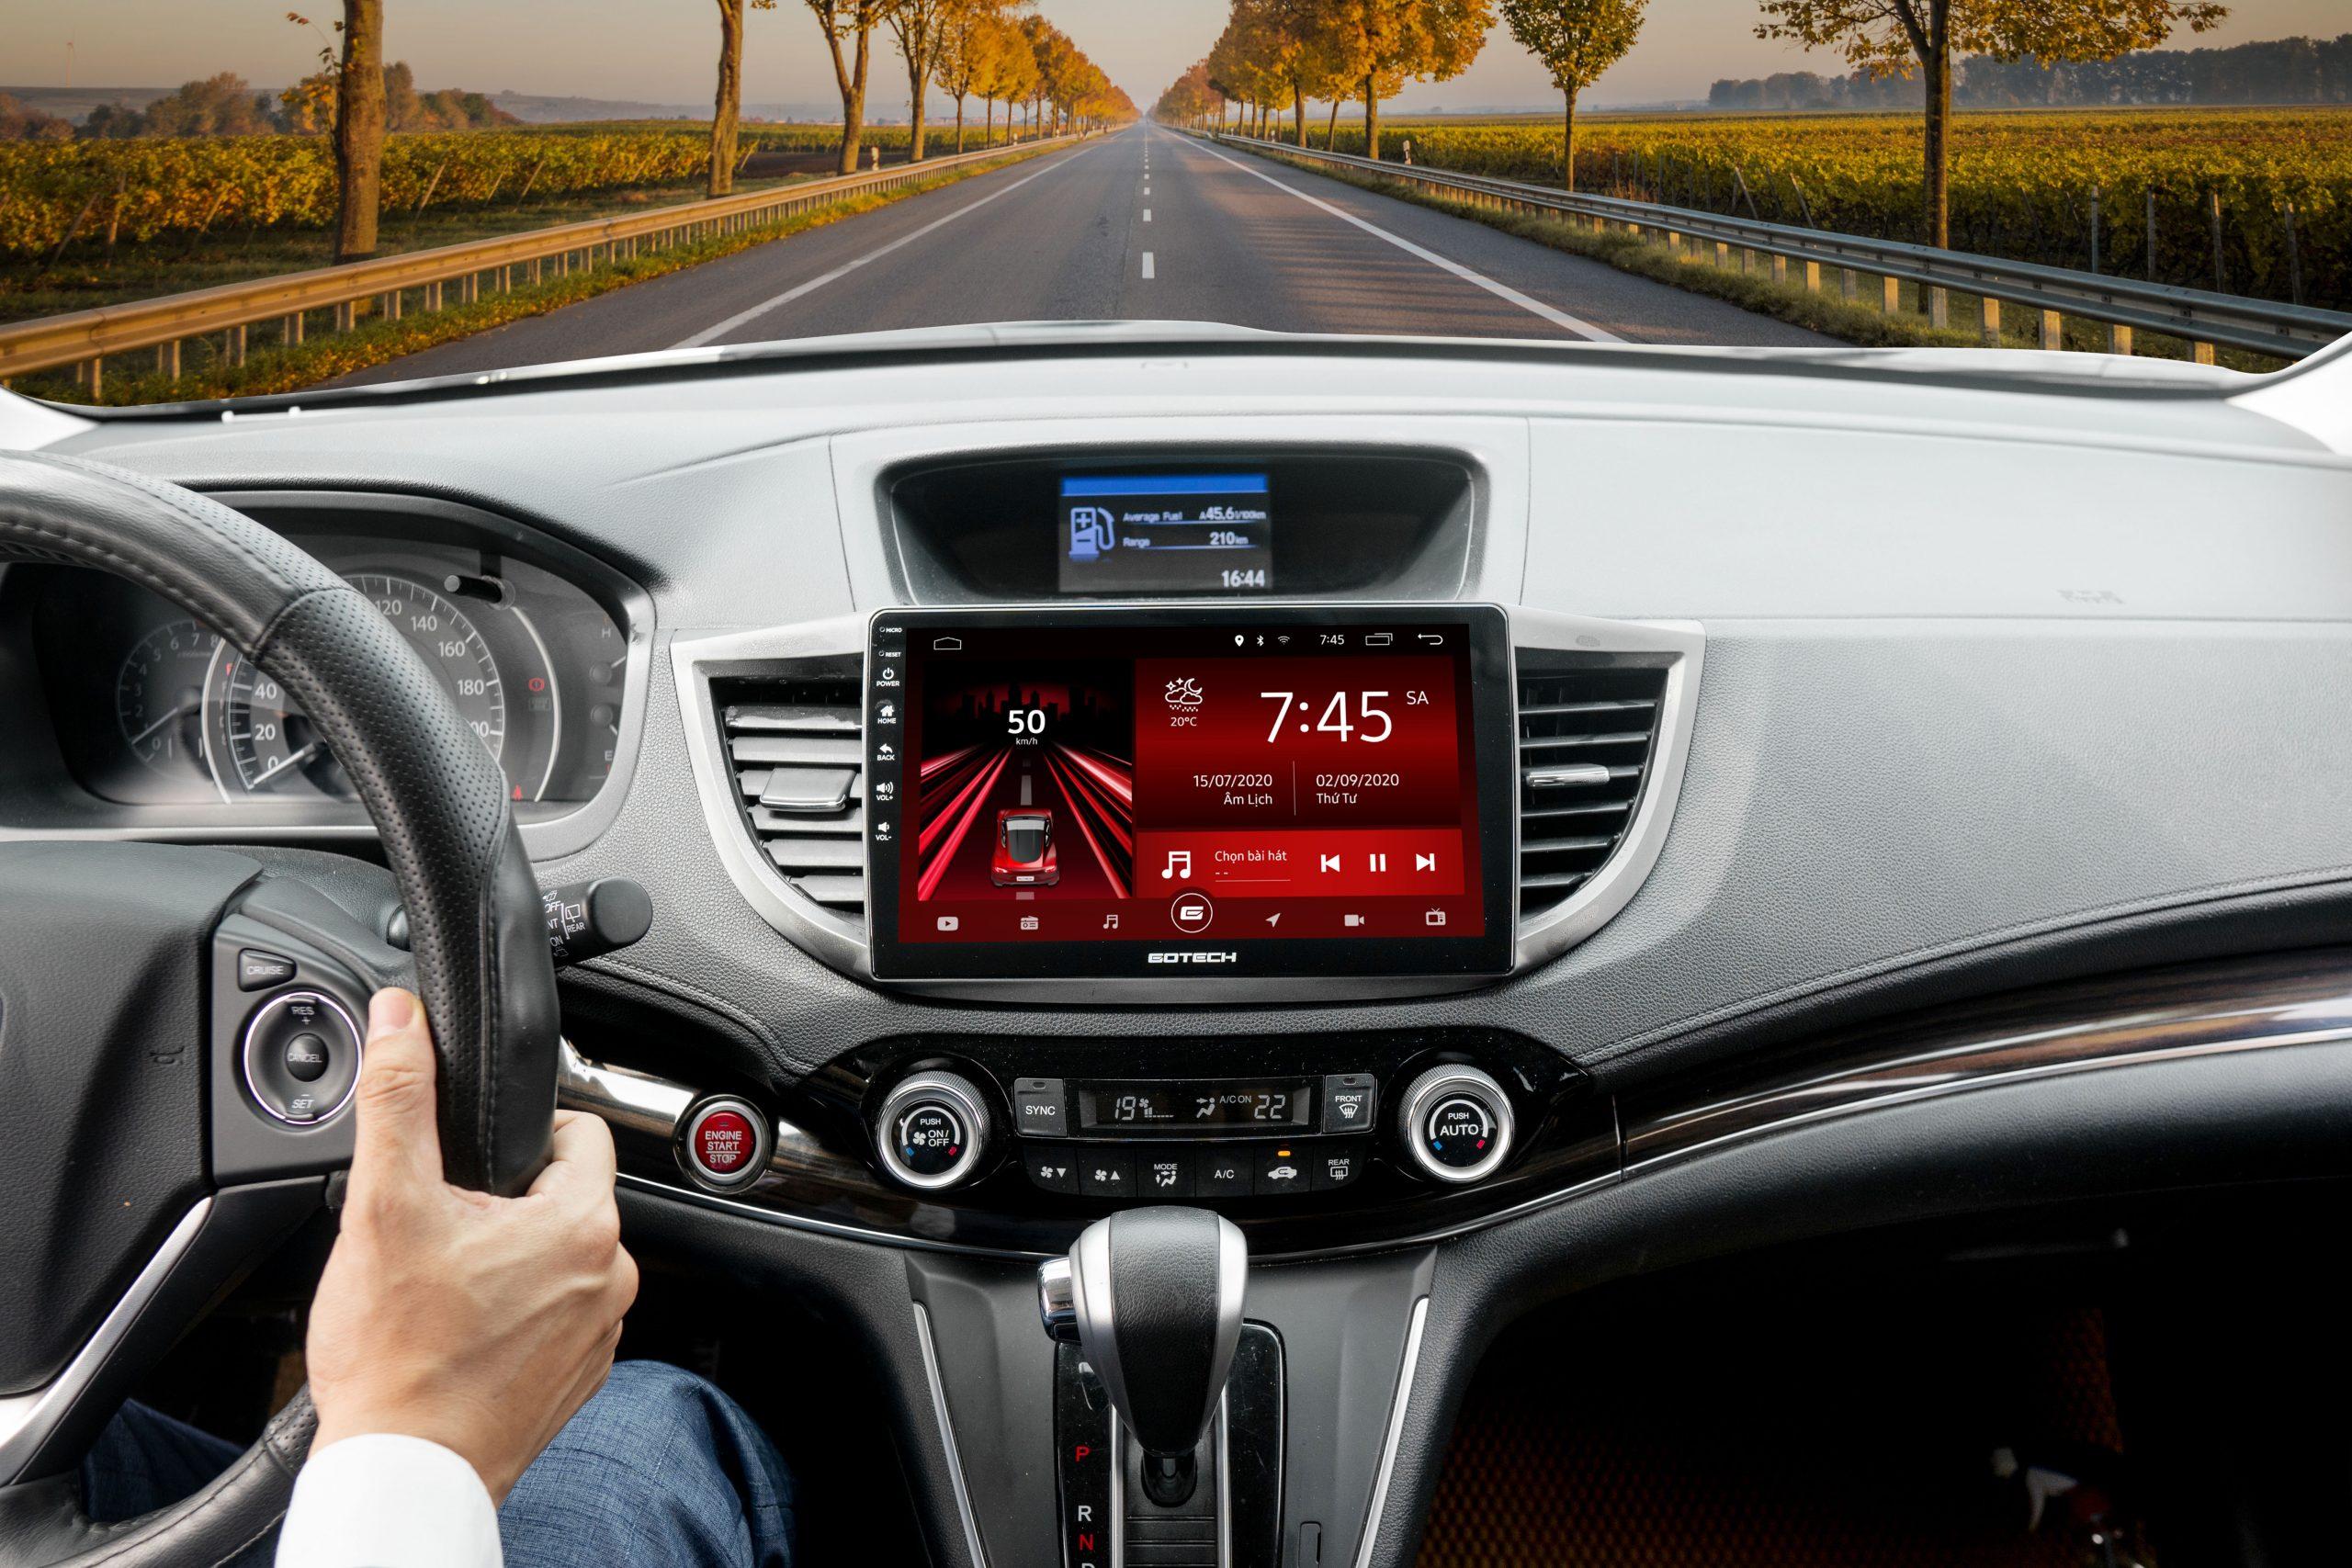 Lắp đặt màn hình Android GOTECH không gây ảnh hưởng đến kết cấu nguyên bản của xe